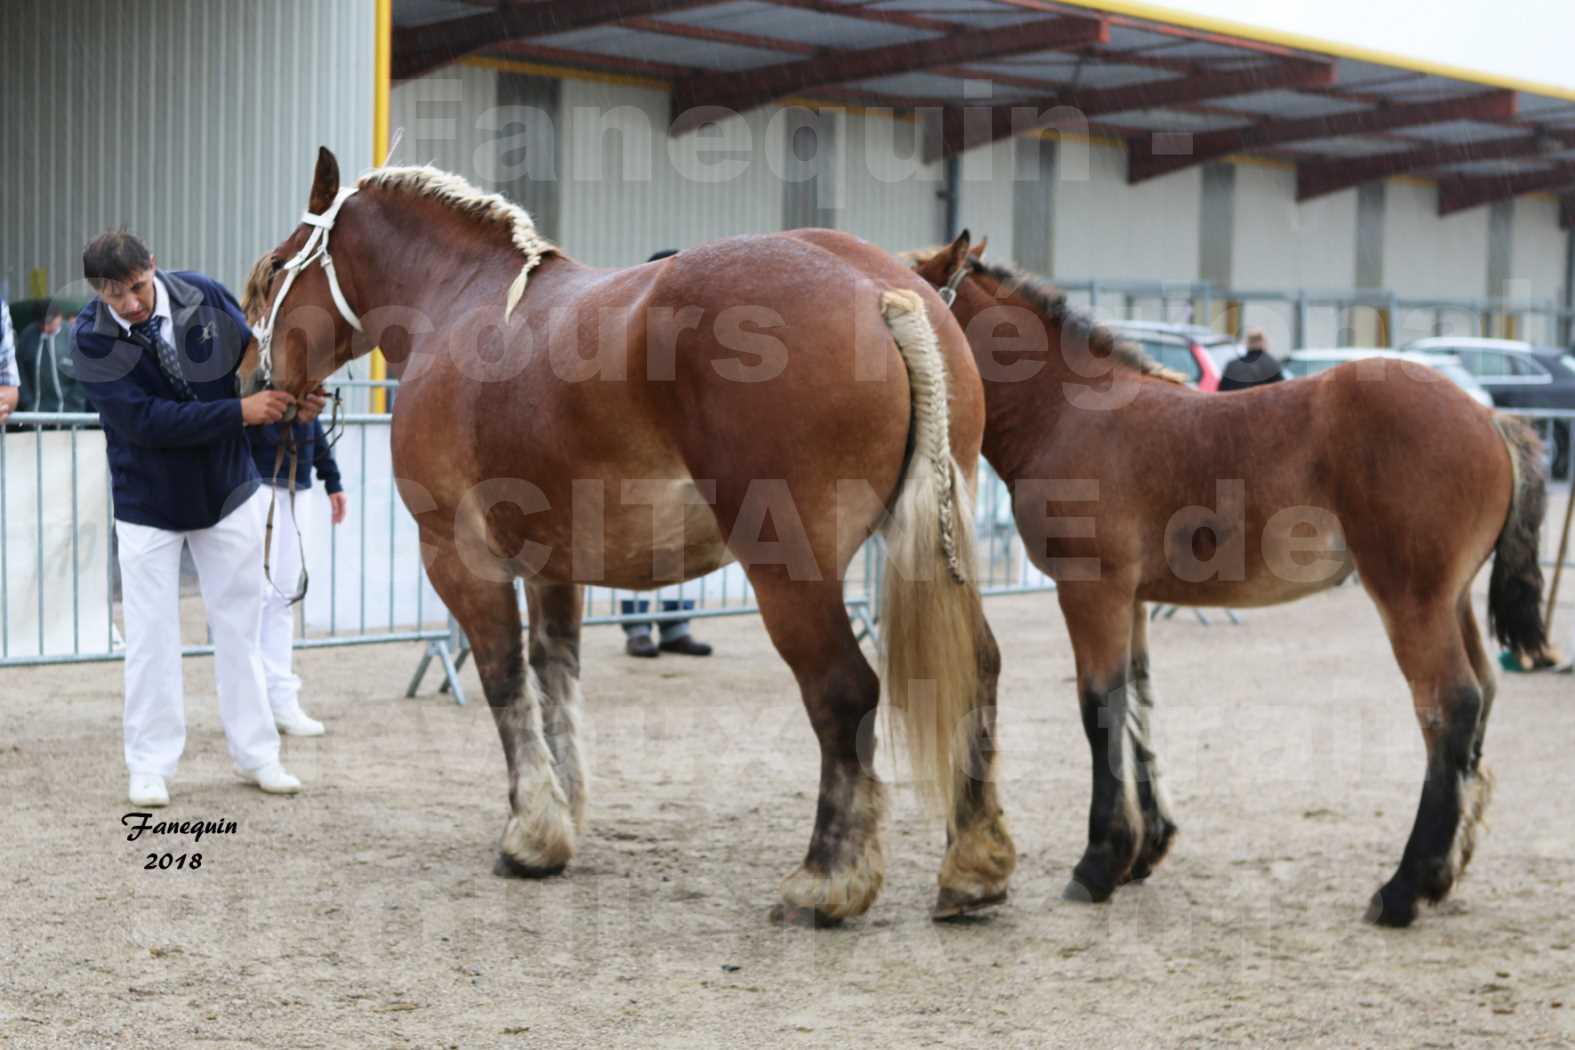 Concours Régional OCCITANIE de chevaux de traits à REQUISTA - DIANE DE GRILLOLES - 1